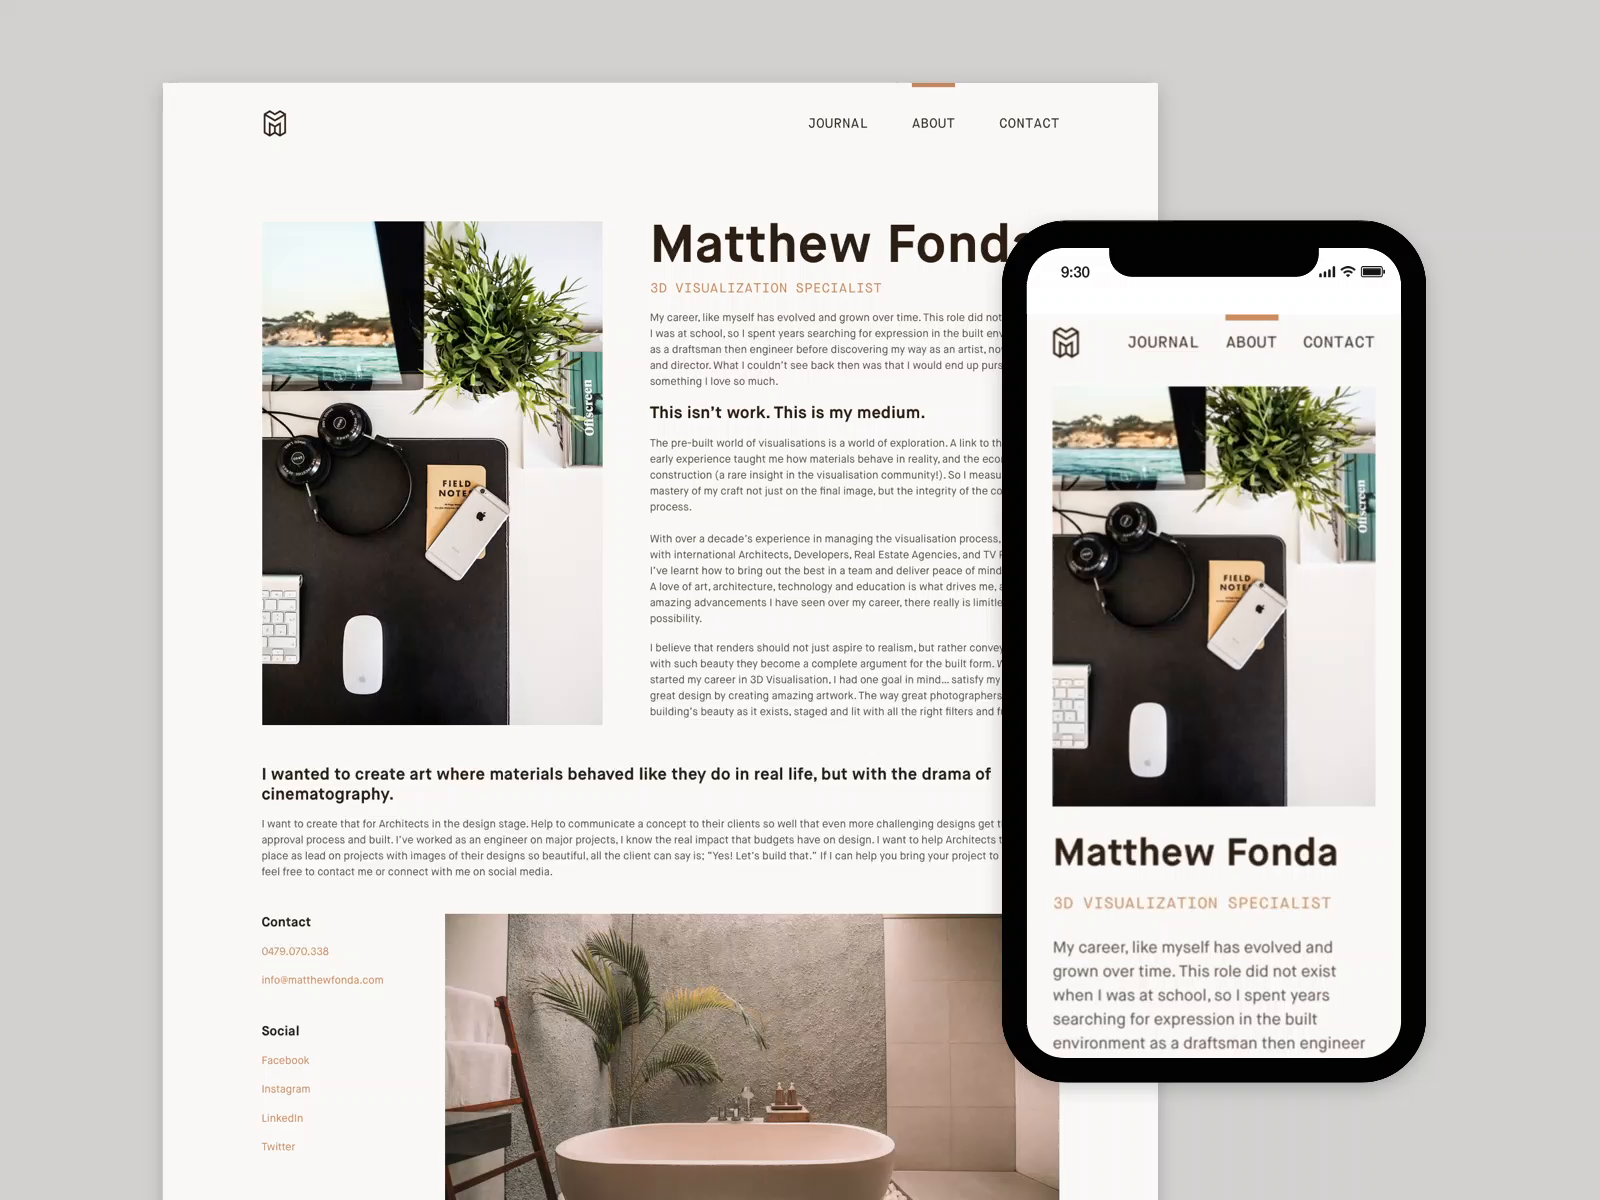 Matthew Fonda About Page